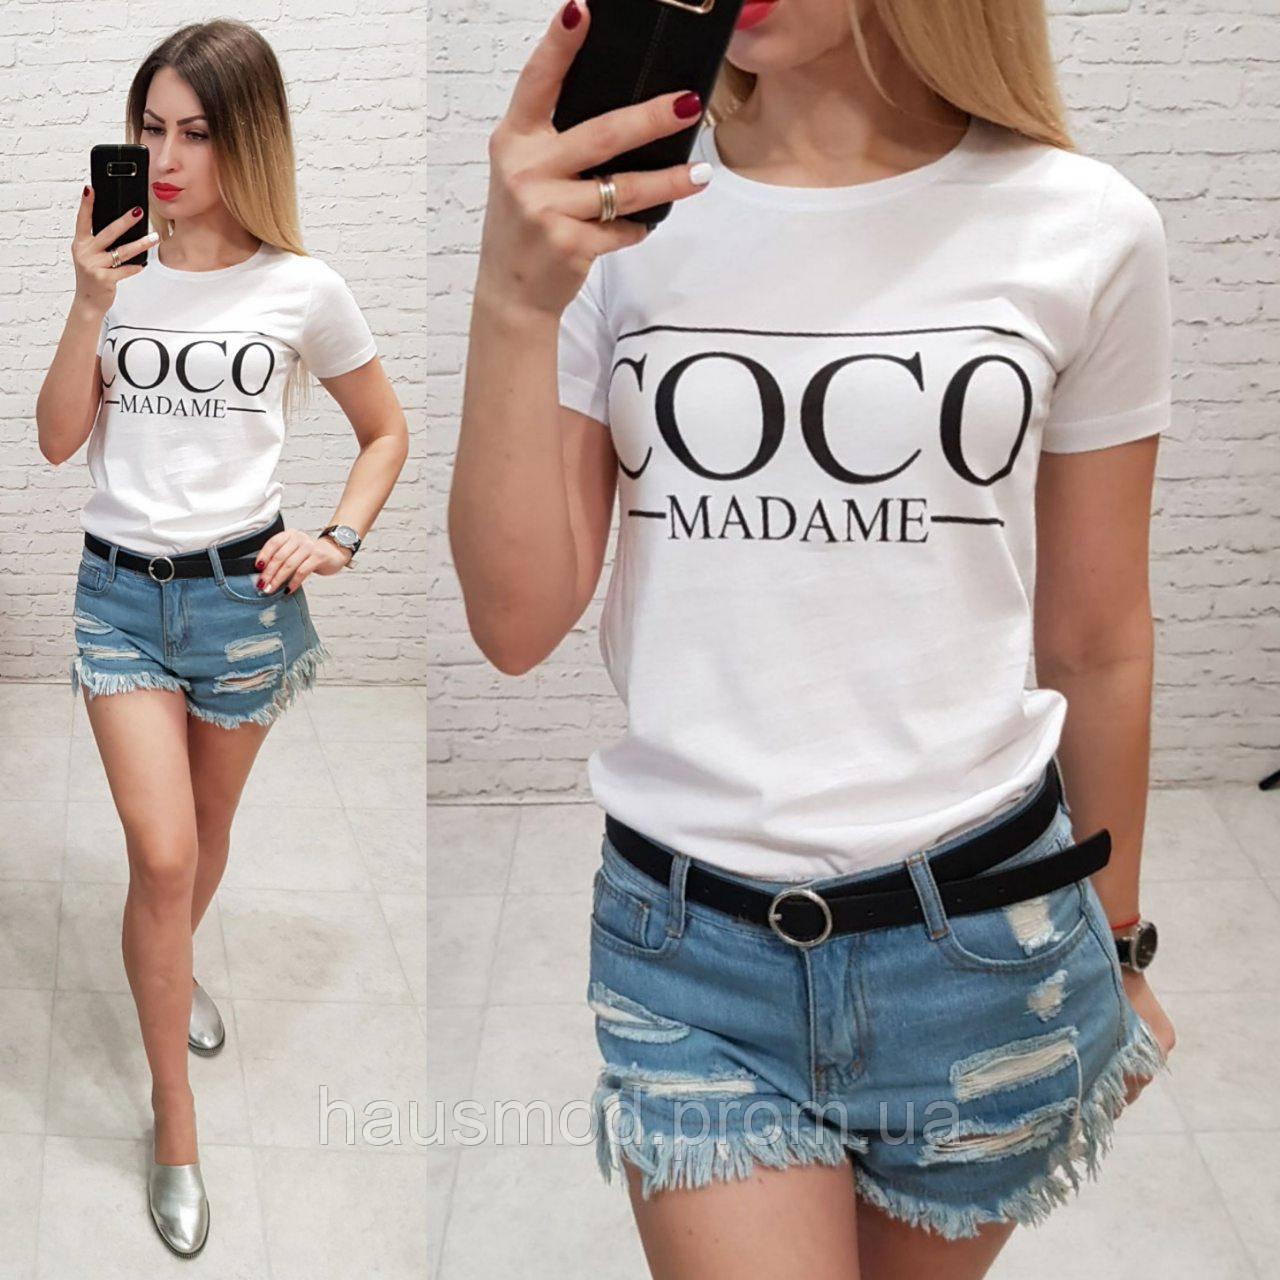 Женская футболка летняя надпись Coco Madame 100% катон качество турция цвет белый